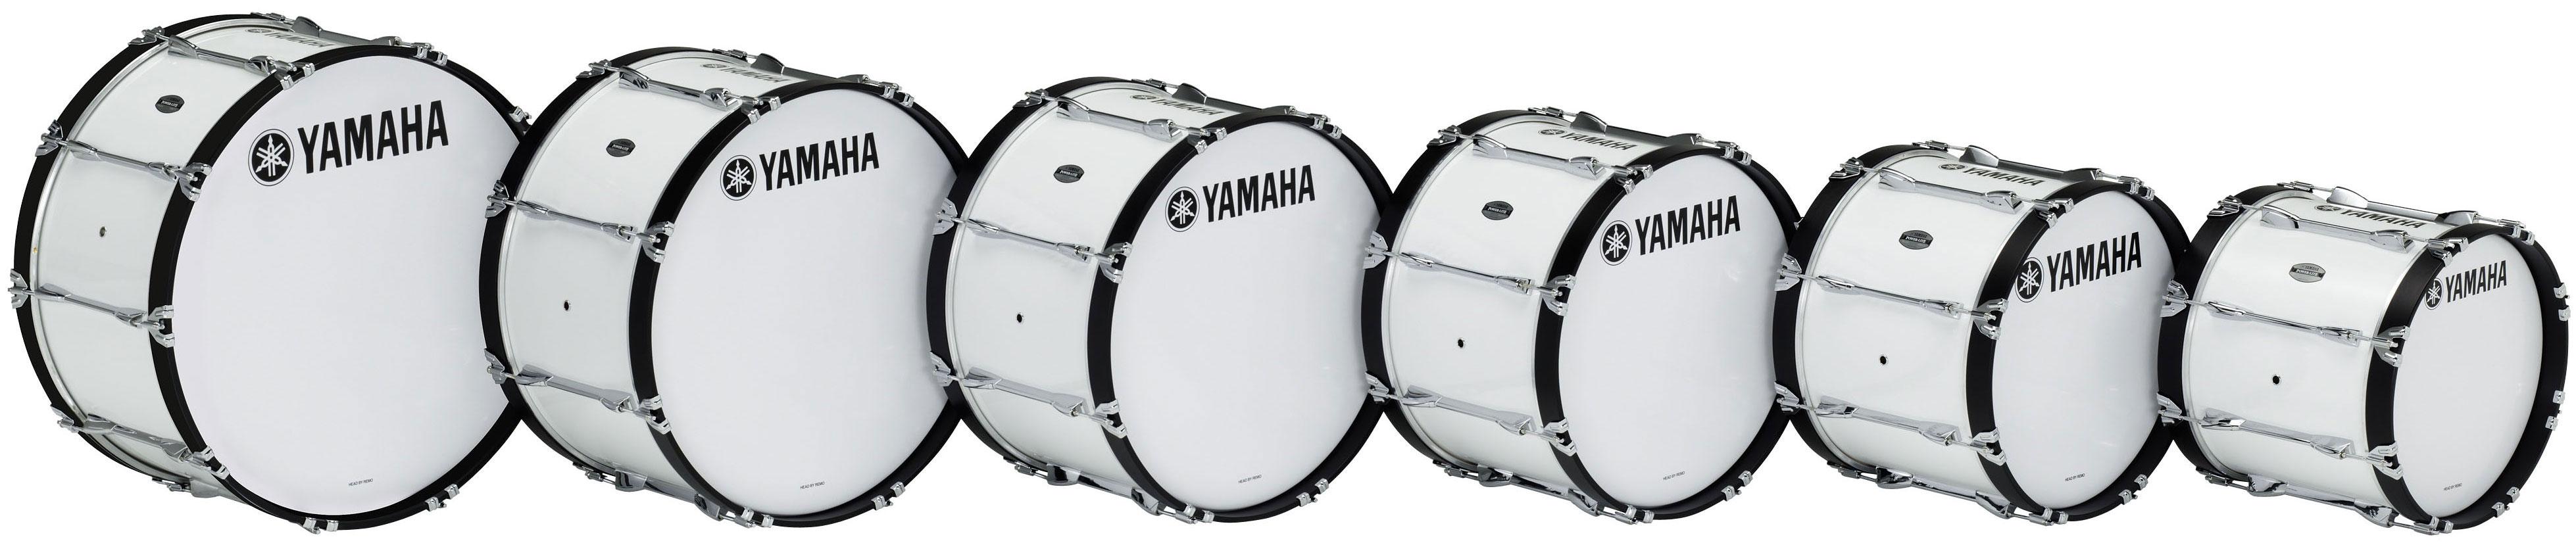 ヤマハ マーチングバスドラム MB-6320 ホワイト 【本州・四国・九州への配送料無料】